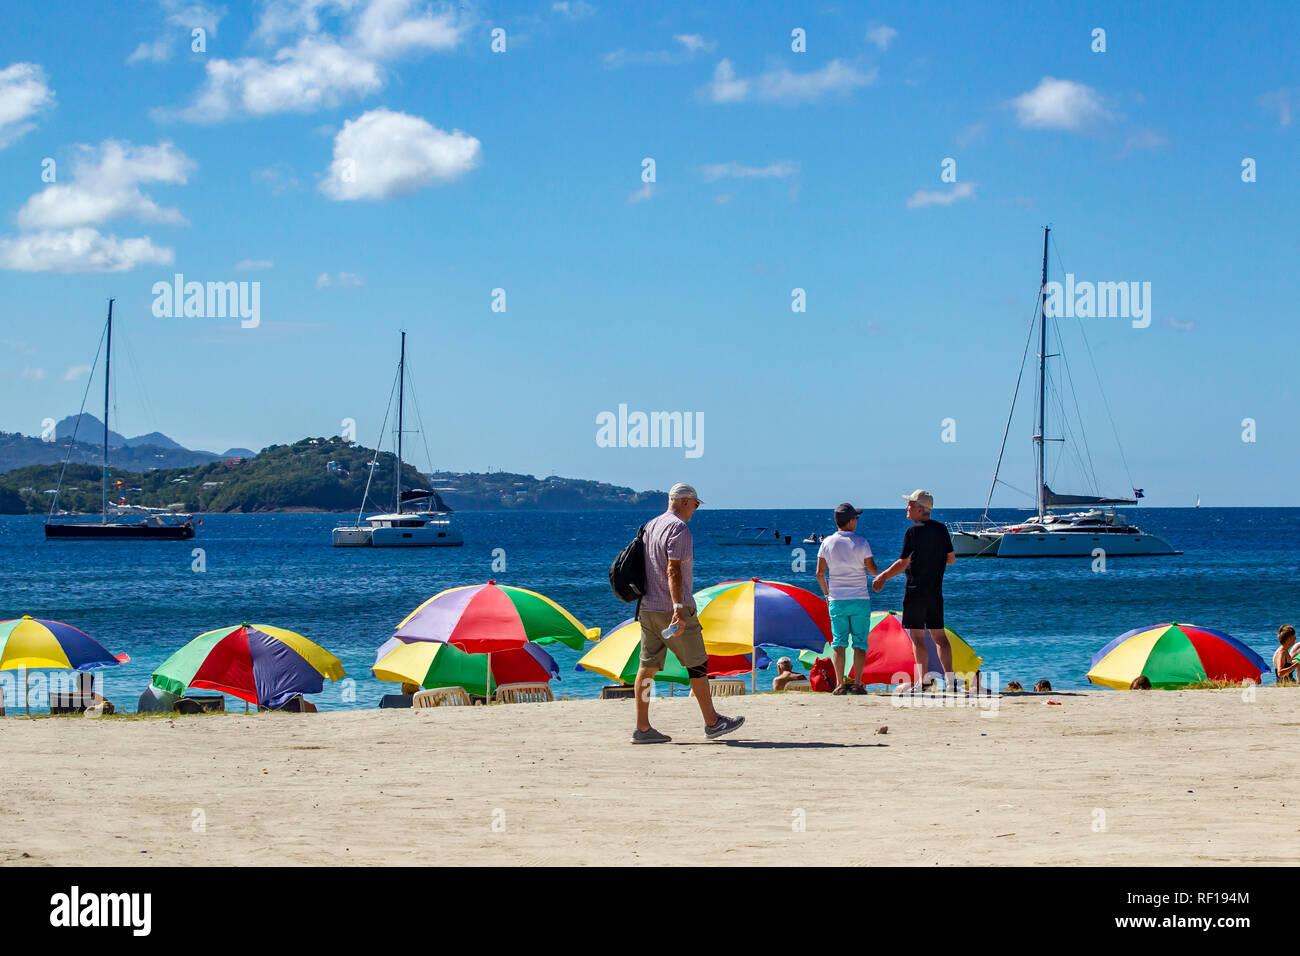 Pigeon Island Beach, Santa Lucía, una de las Islas de Barlovento en el Caribe. Foto de stock